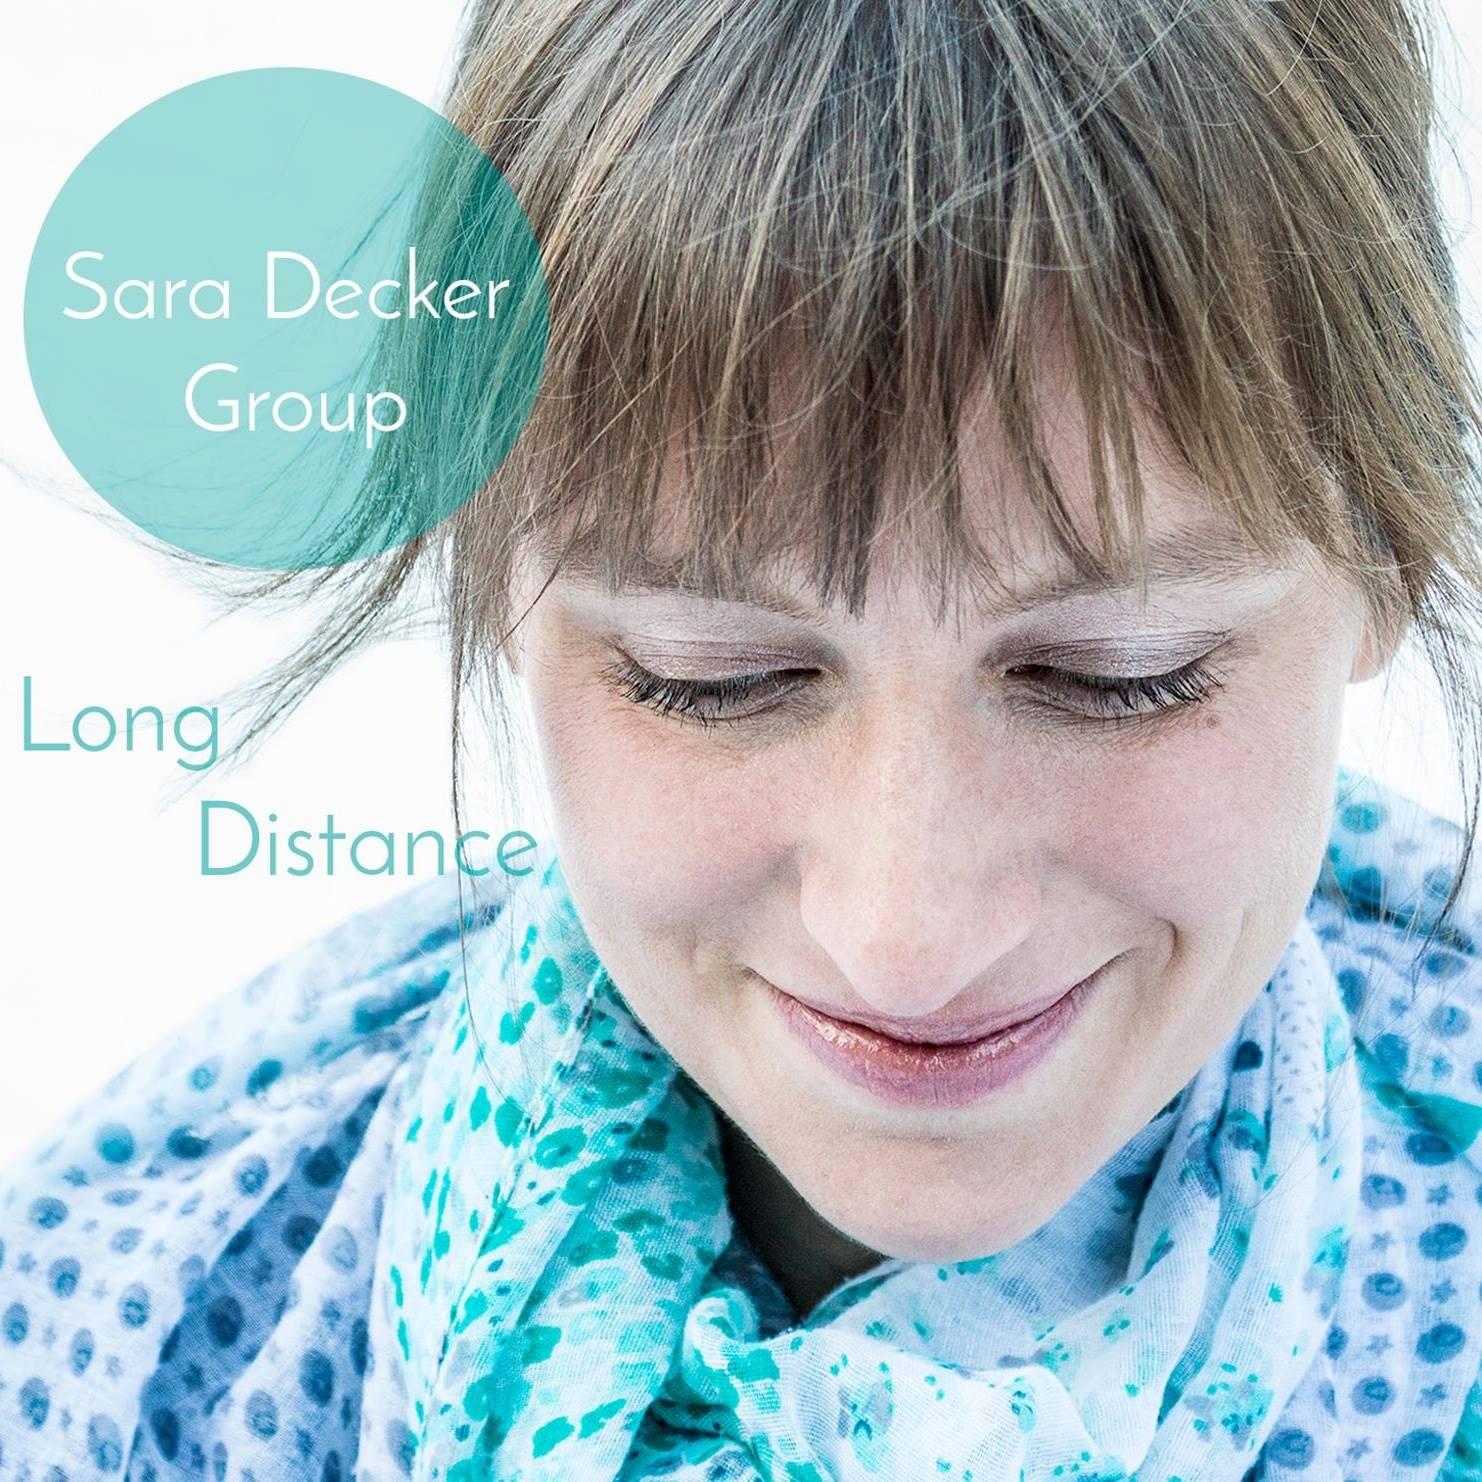 Long Distance-Sara Decker Group